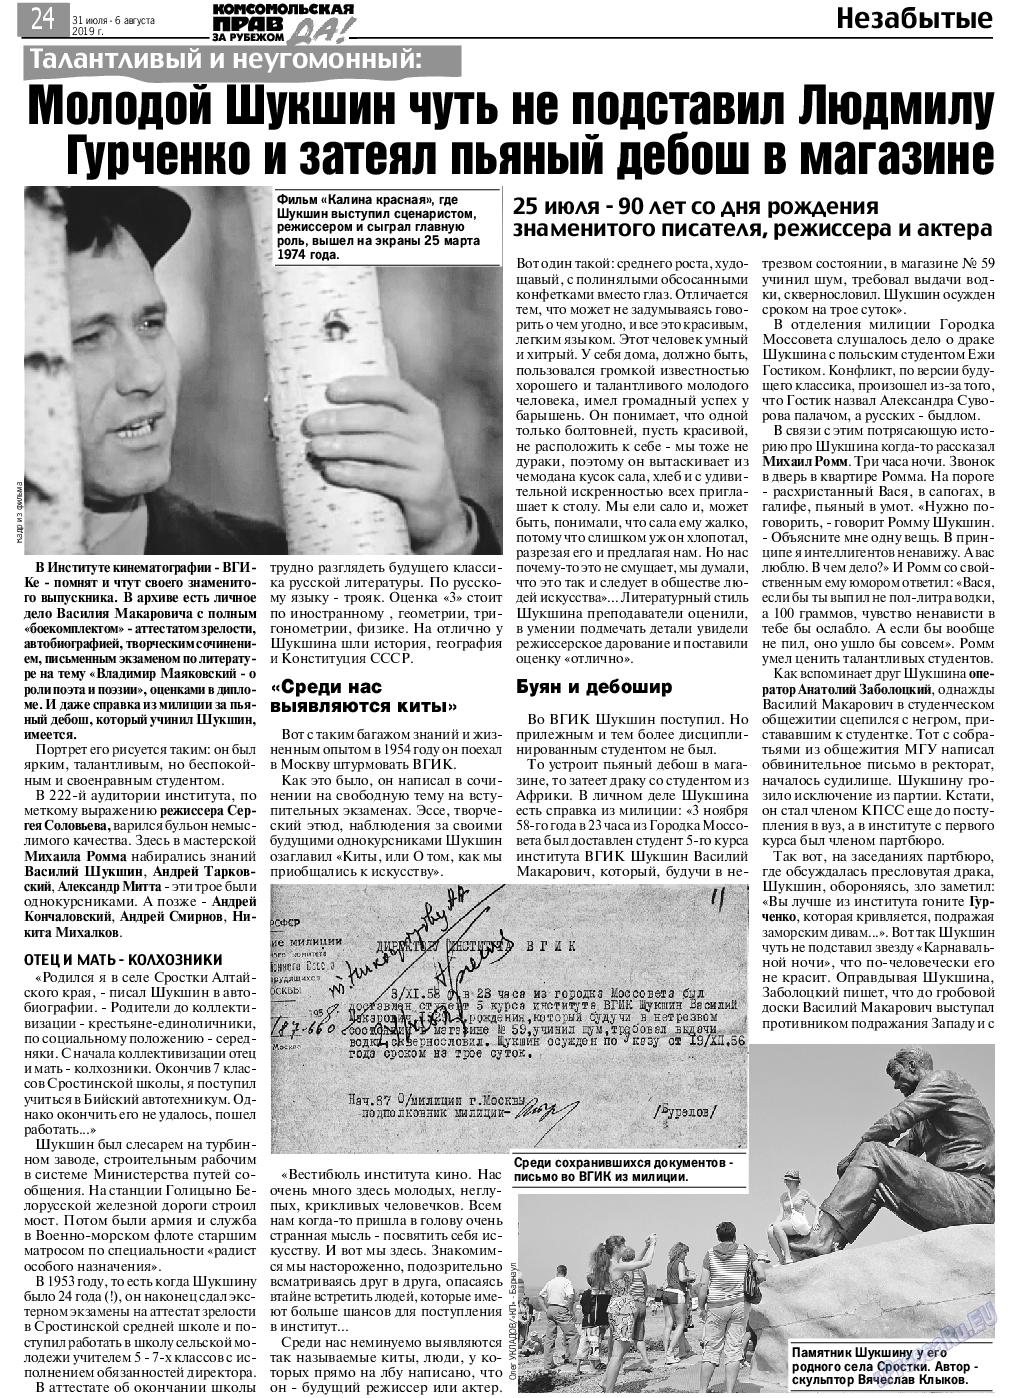 КП в Европе (газета). 2019 год, номер 31, стр. 24